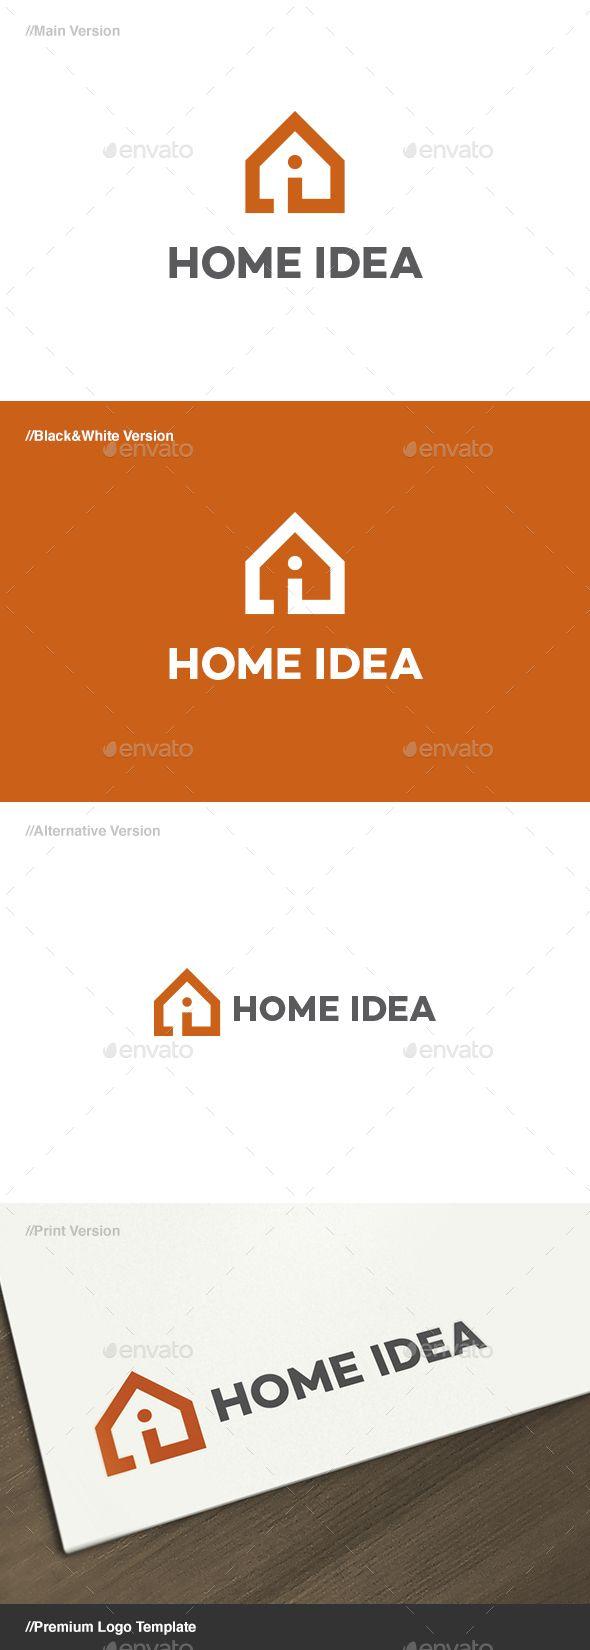 Interior design logo vector - Home Idea Logo